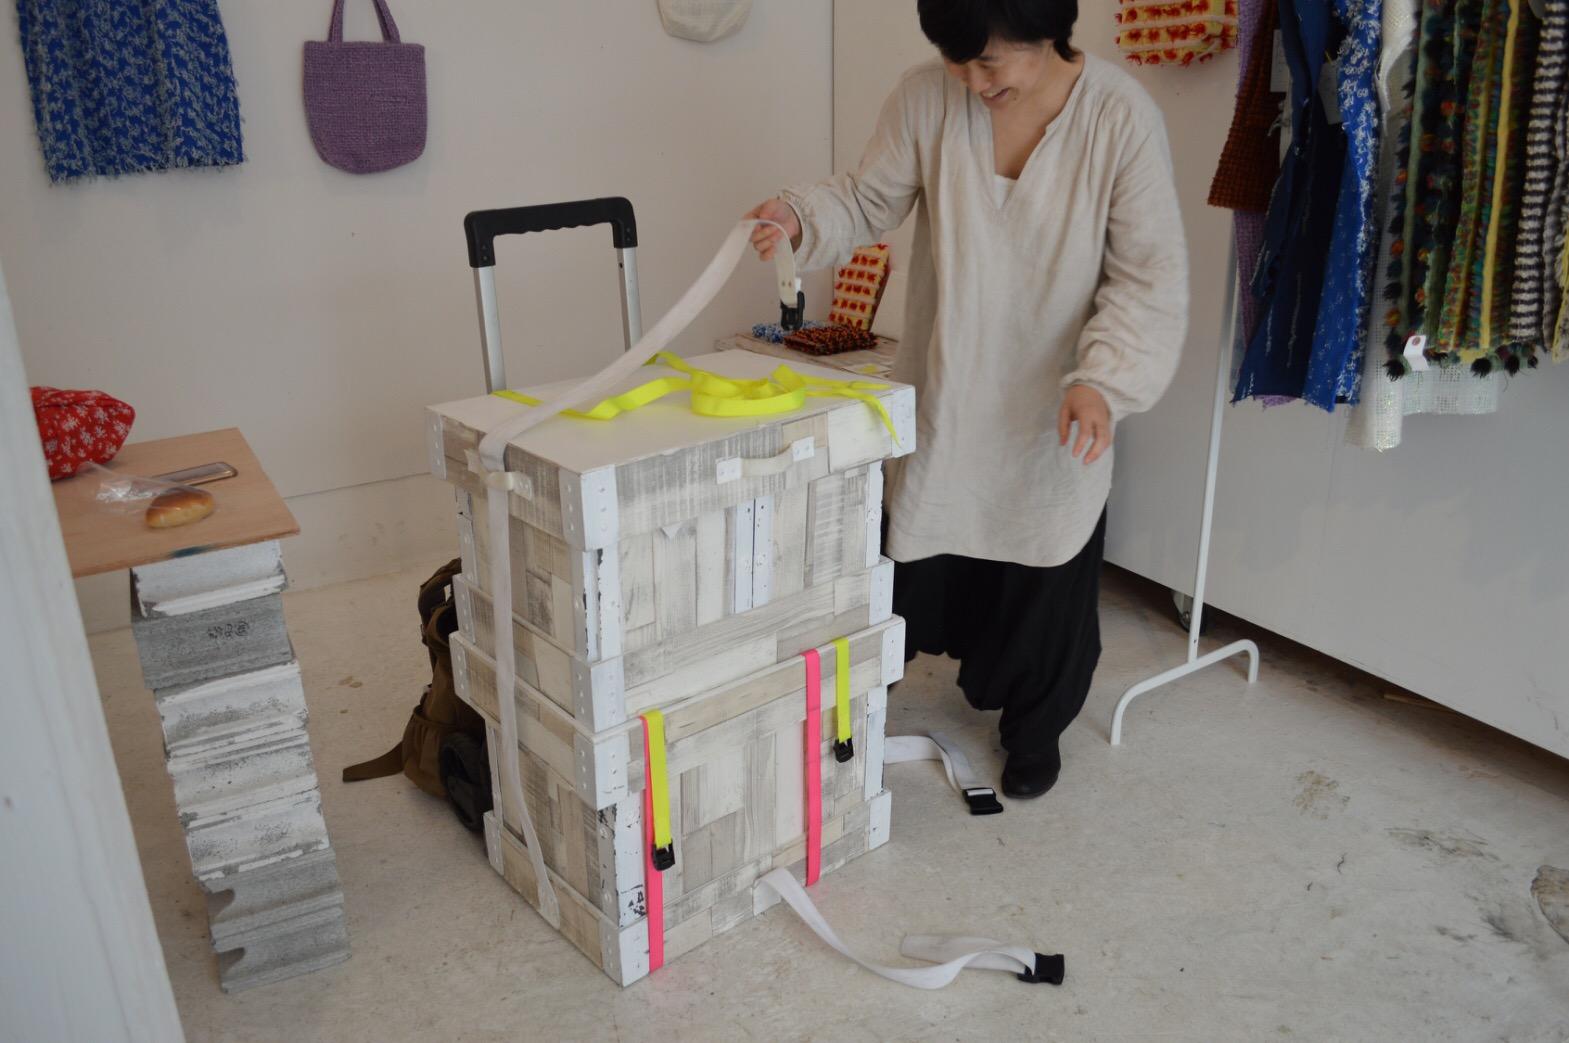 大きな箱と一緒に移動する。中にはミシンや裁縫道具、生地などが詰まっている。